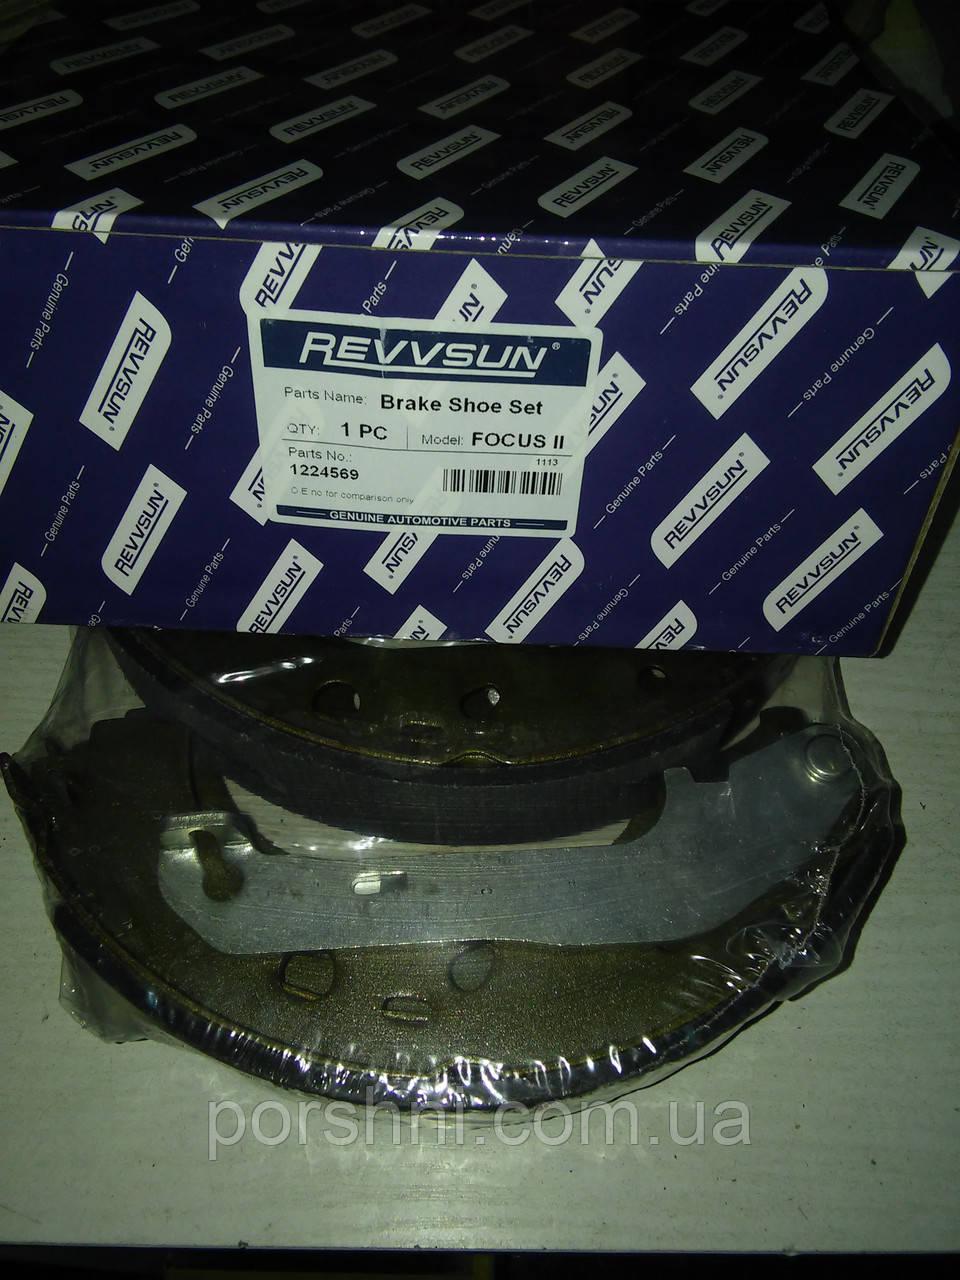 Колодки тормозные  задние Форд  Фокус II 2003 -  228 X 42 . REVVSUN 1224569